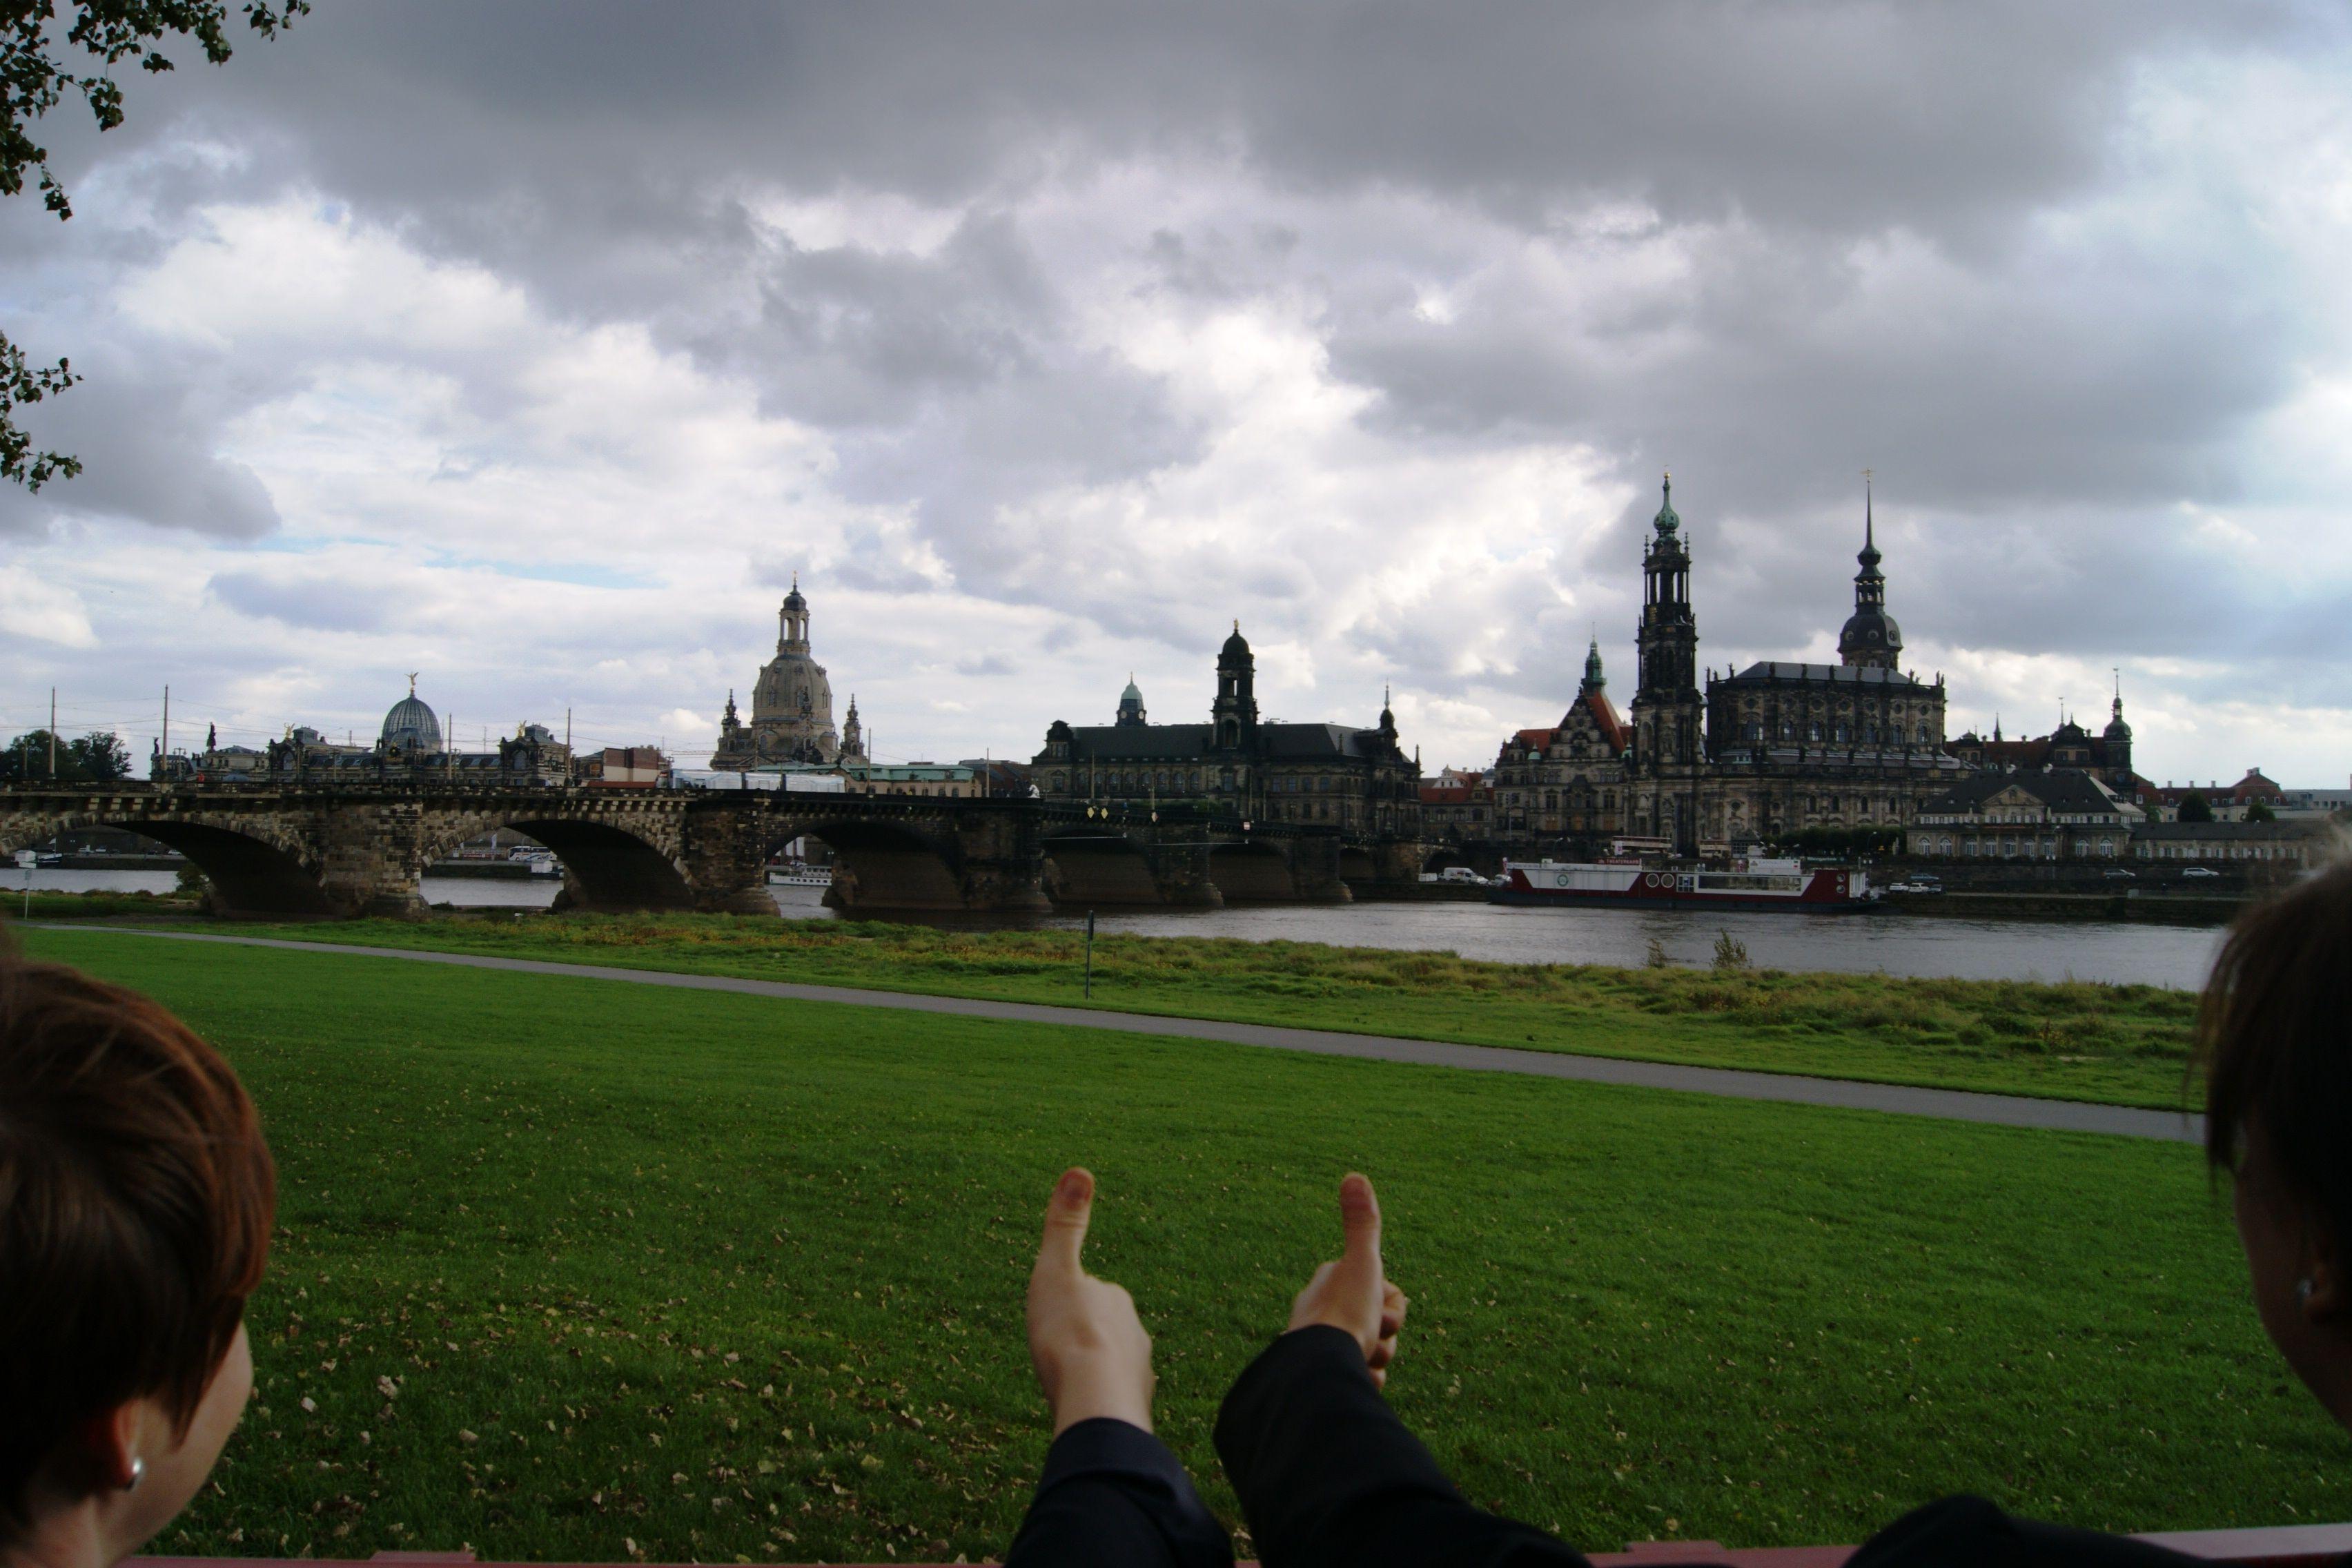 Das Social Media Team hat Dresden fest im Blick und informiert Sie rund um News und Trends in der Stadt.